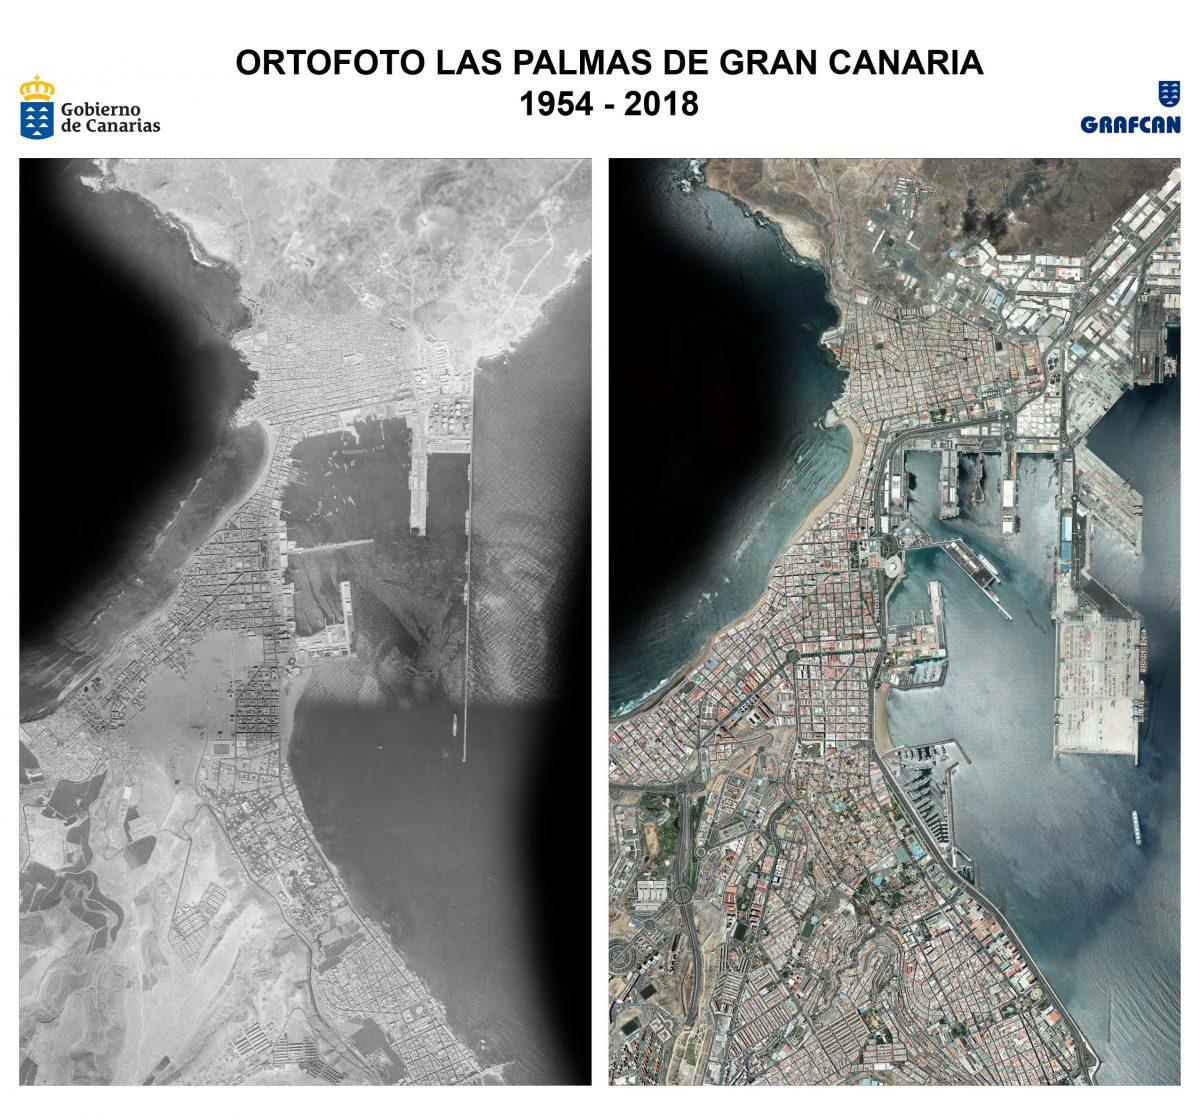 Ortofotos Las Palmas de Gran Canaria1954-2018